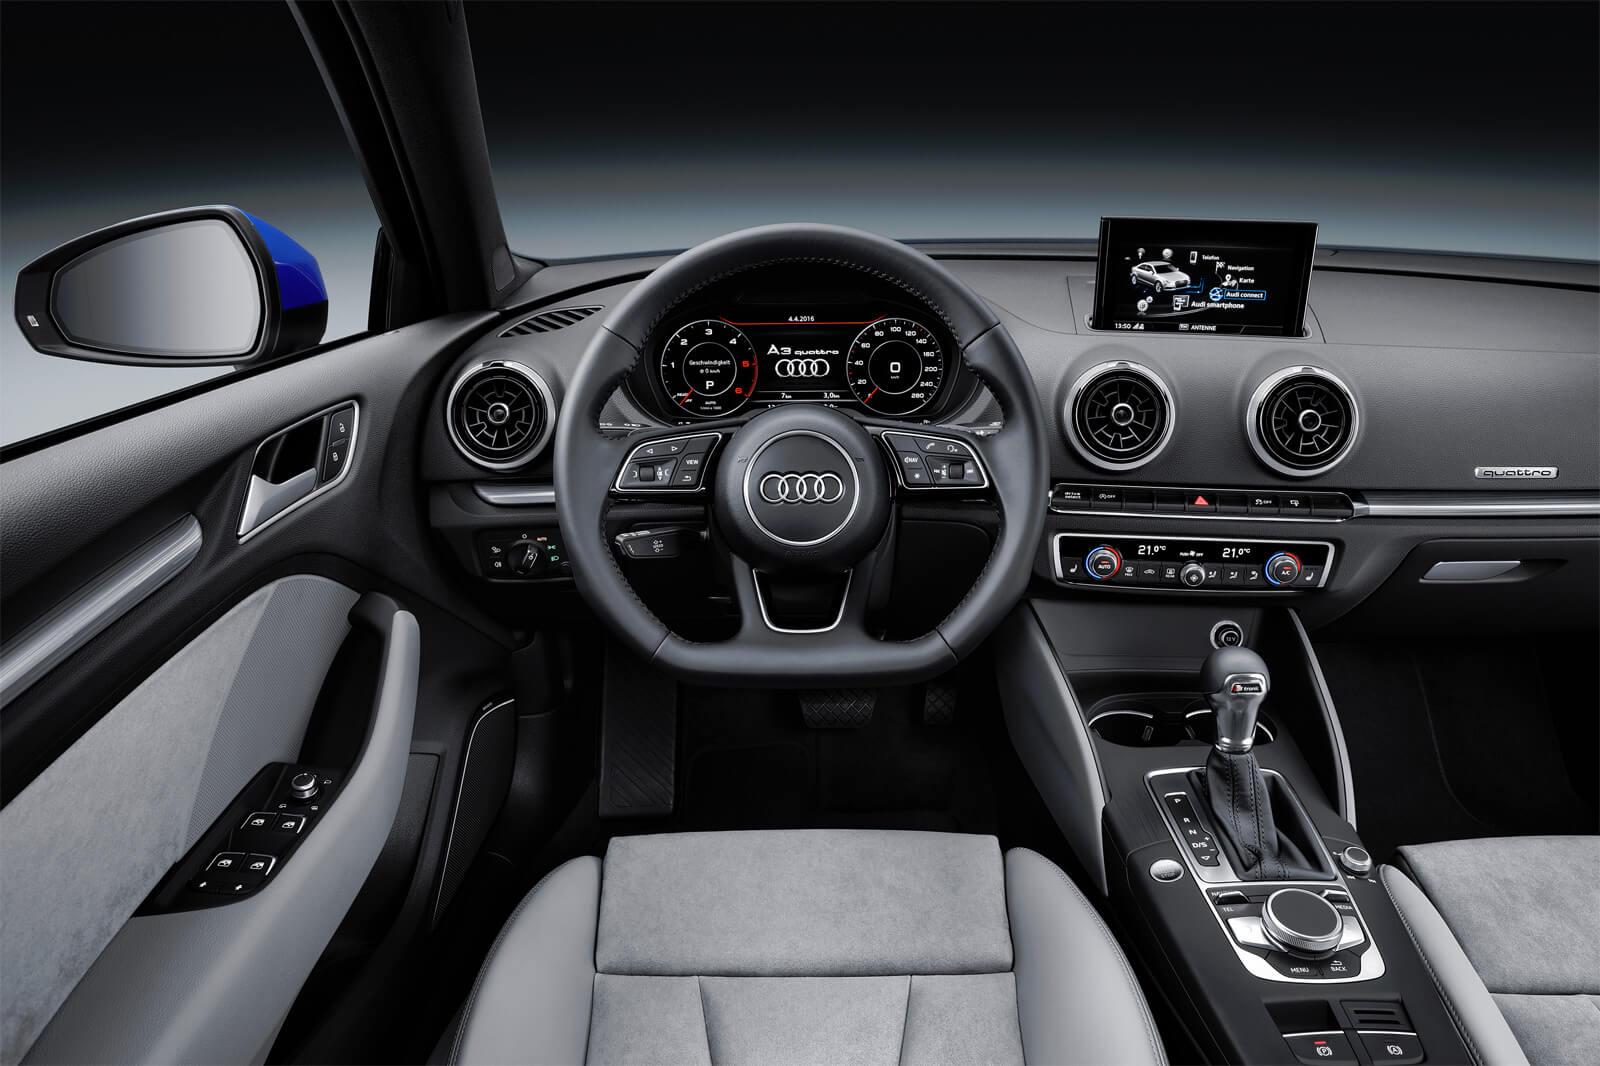 Audi A3 III (8V) Sedan Restyling - Интерьер, приборная панель, руль